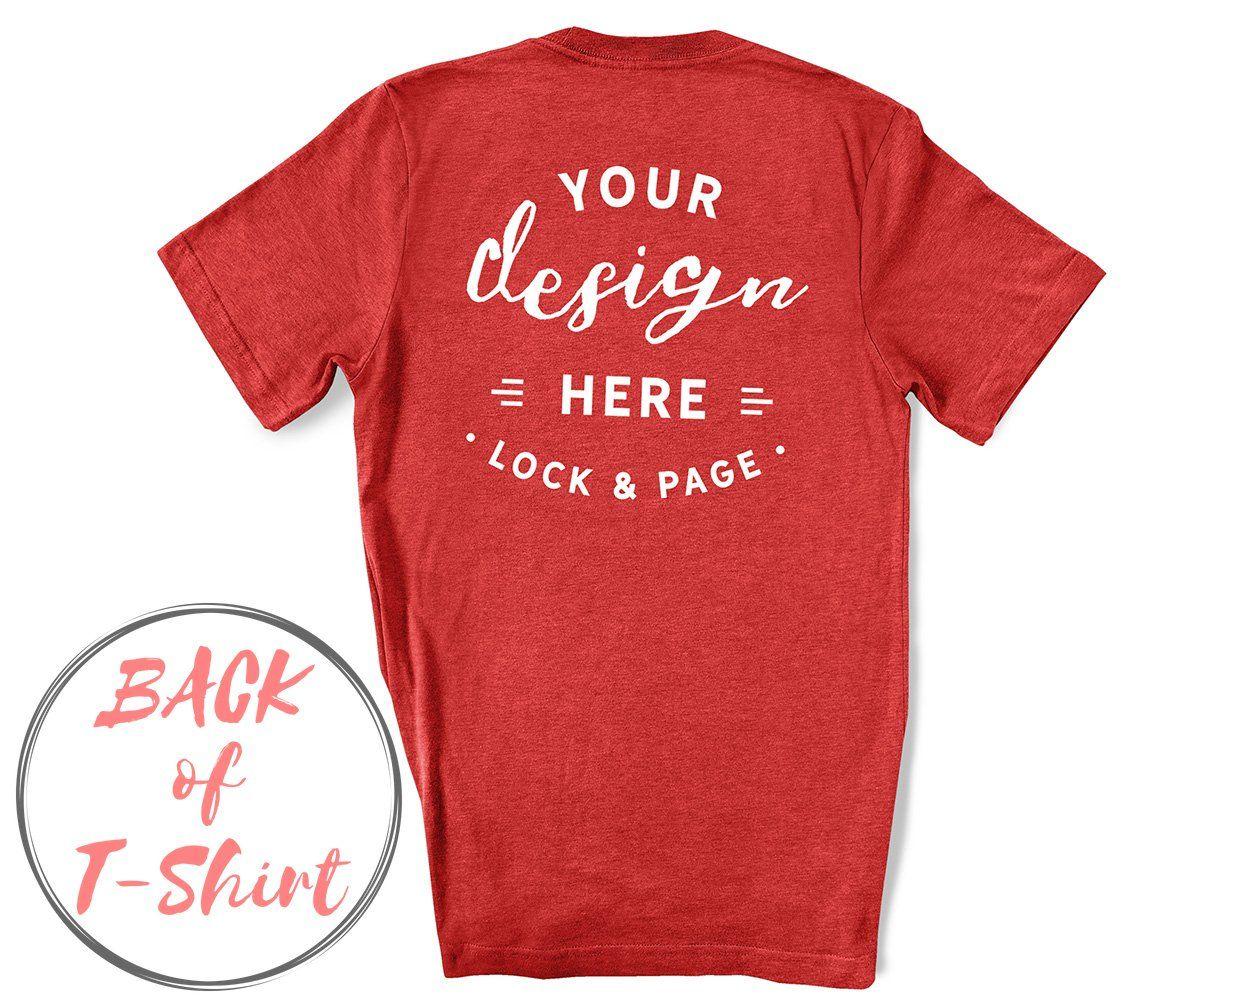 Download Back Of T Shirt Bc3001 Mockup Bundle Shirt Mockup Tshirt Mockup T Shirt